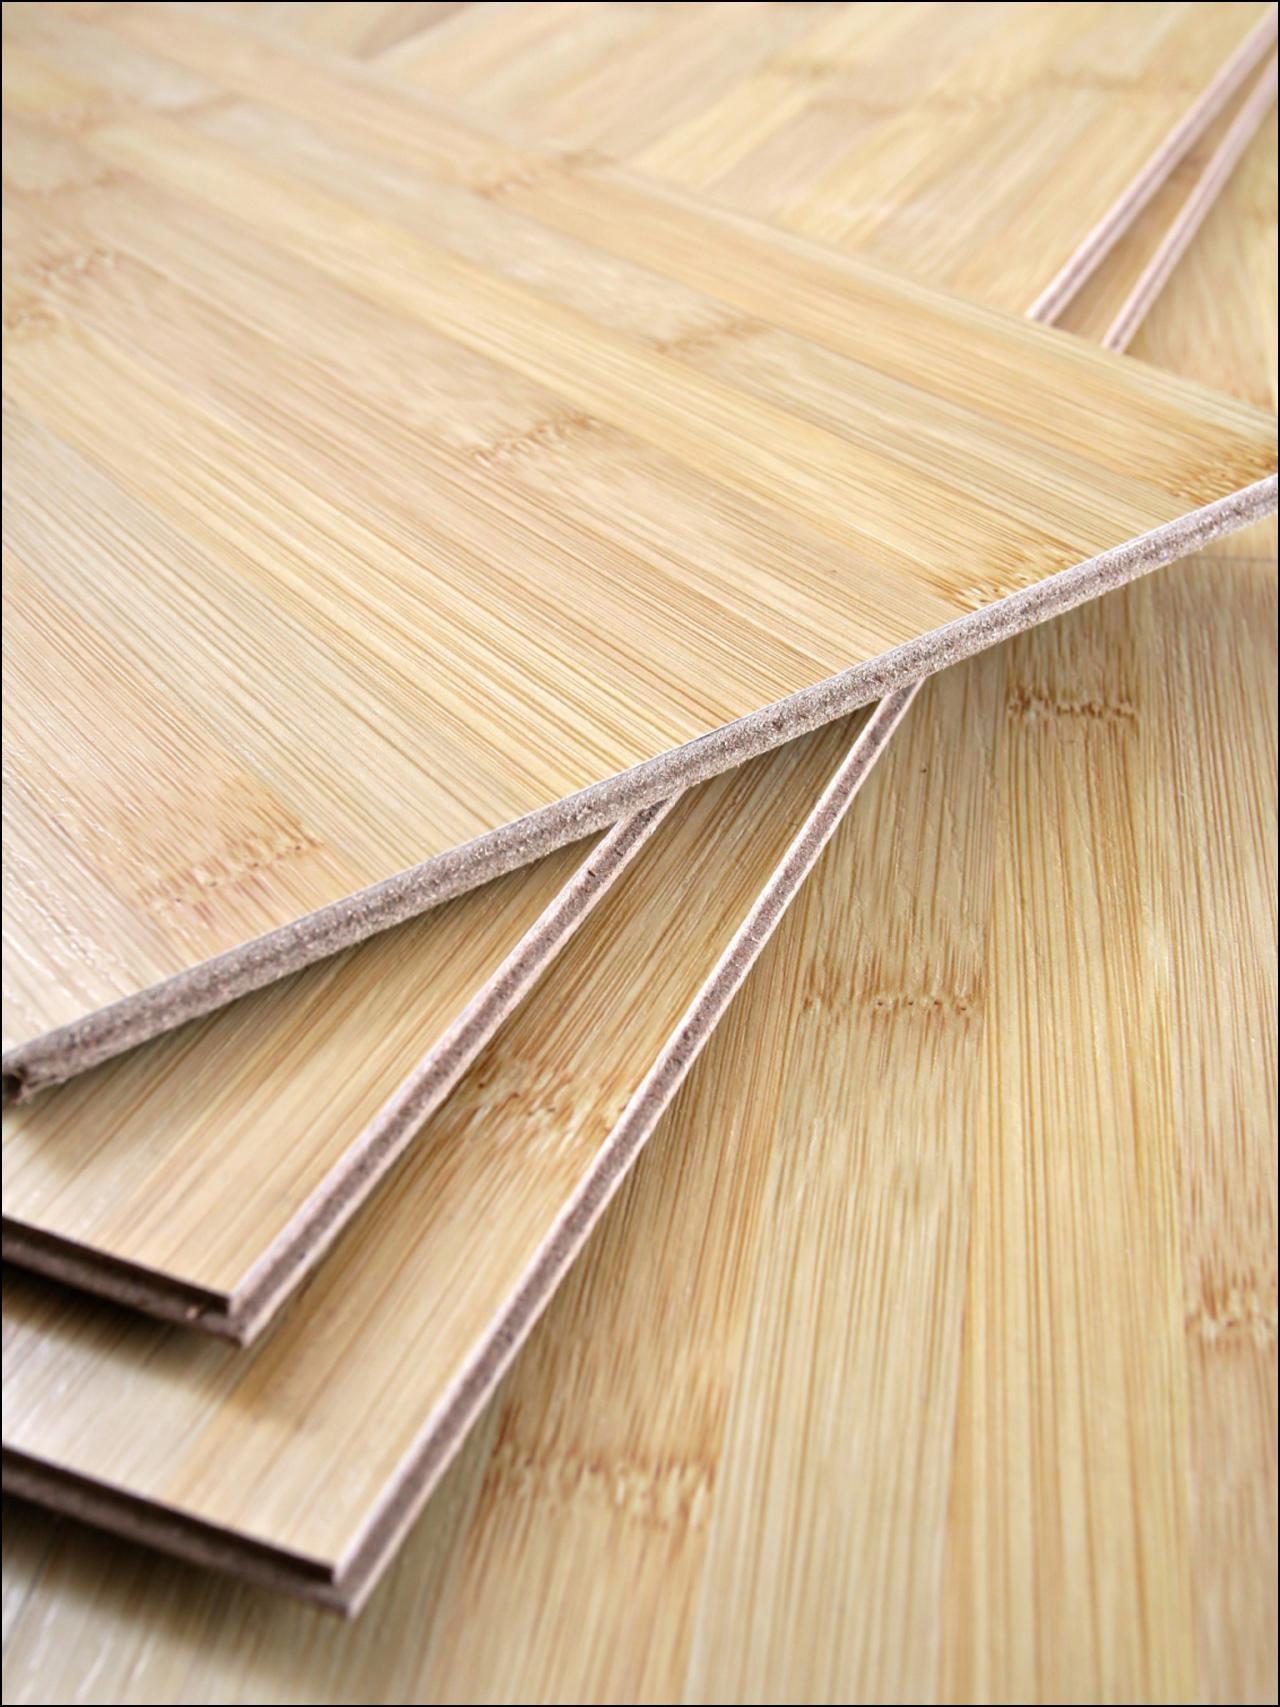 hardwood floor filler home depot of home depot queen creek flooring ideas throughout home depot solid bamboo flooring images hardwood floor design wood flooring cost strand bamboo flooring of